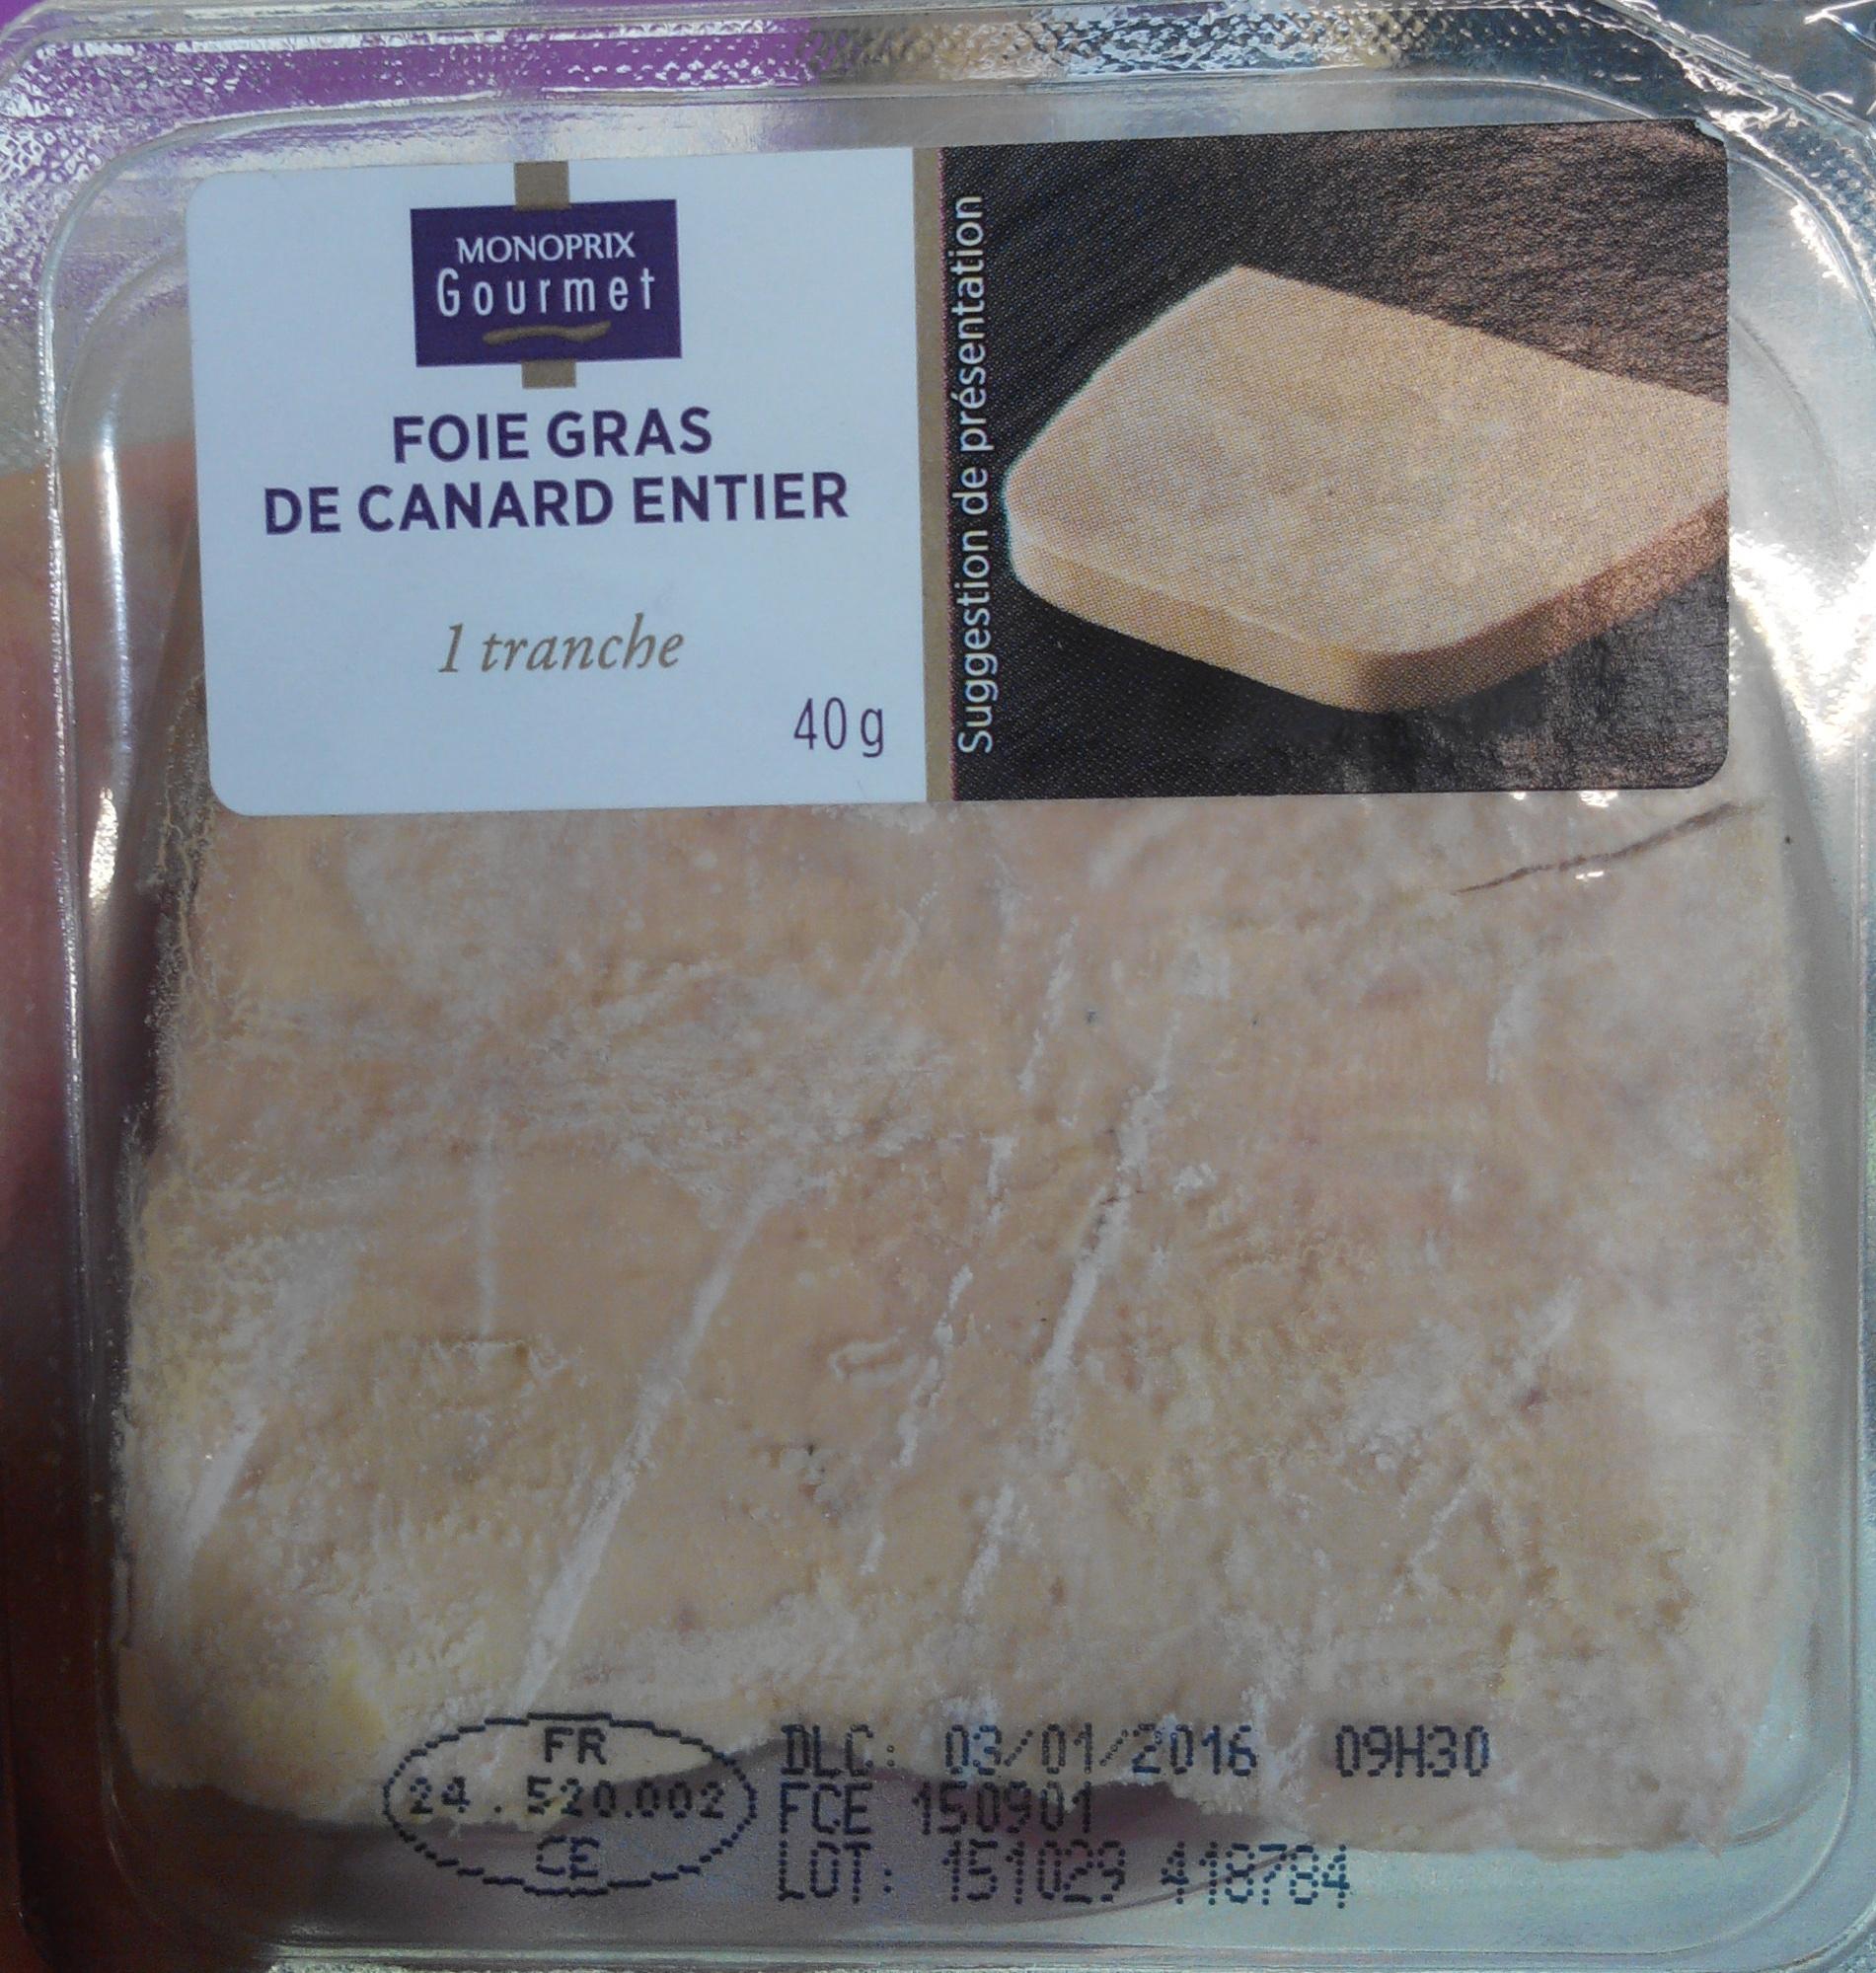 Foie gras de canard entier 1 tranche - Product - fr